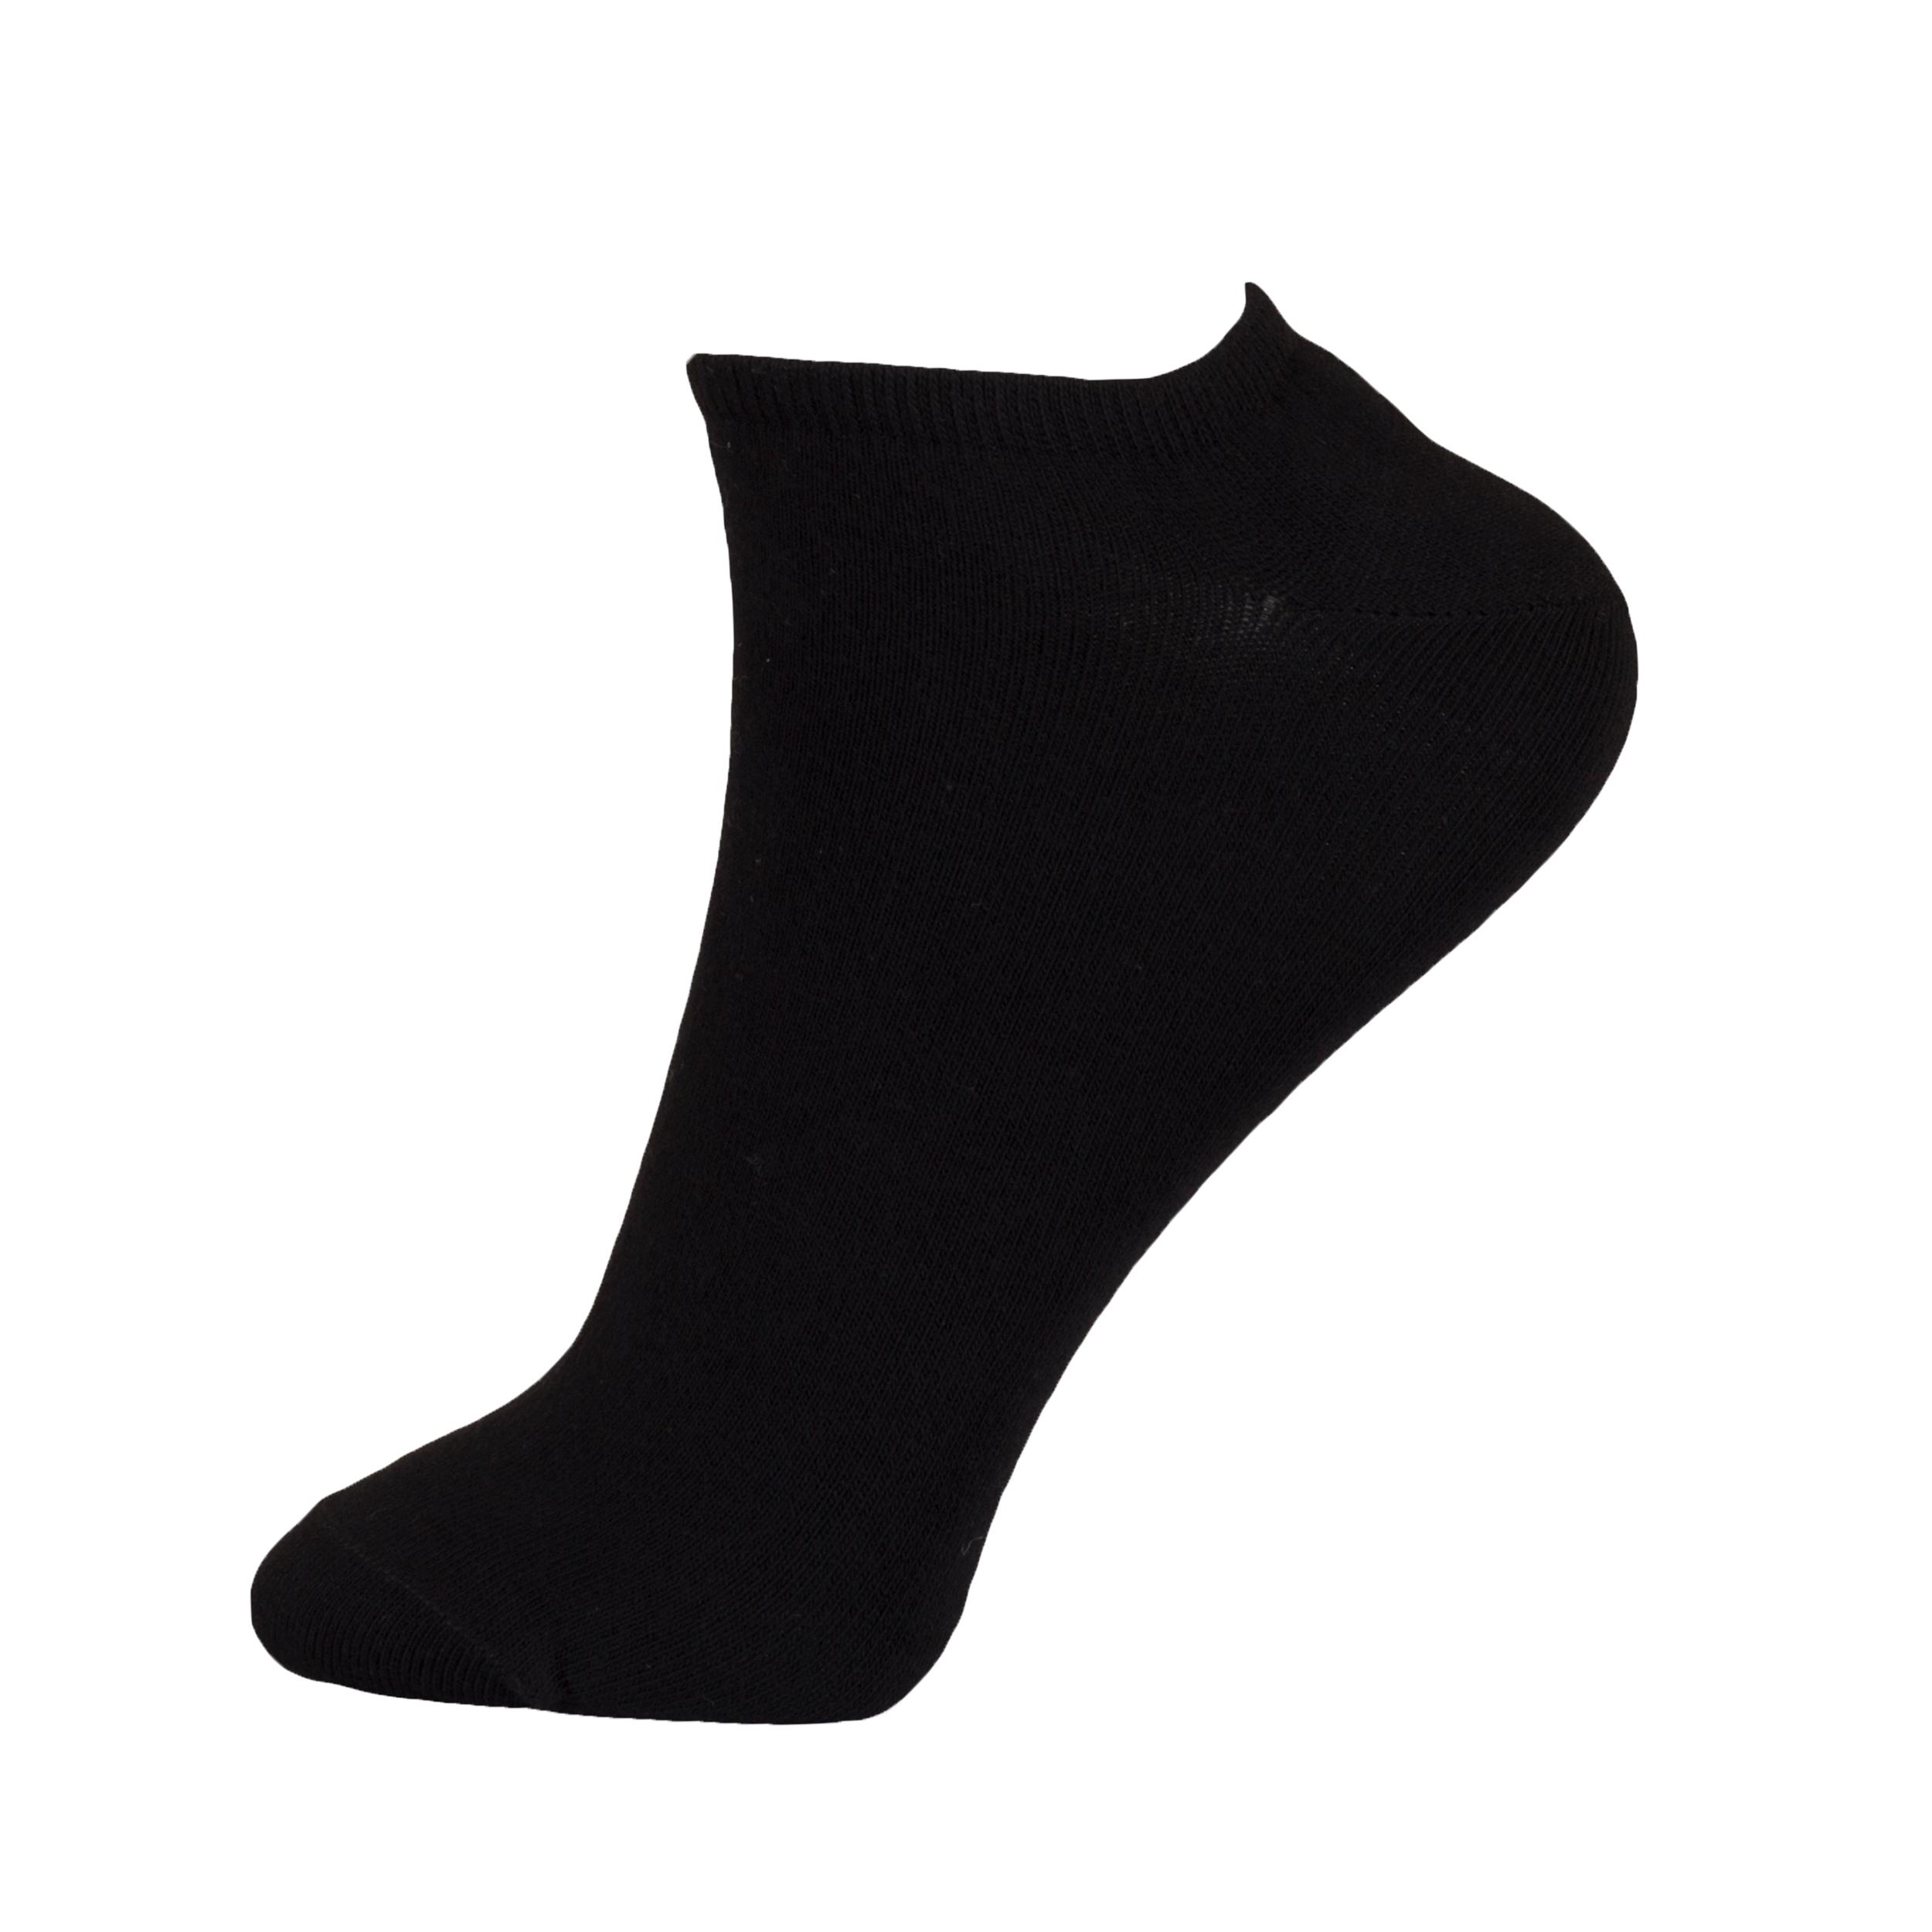 جوراب مردانه مستر جوراب کد BL-MRM 101 -  - 2